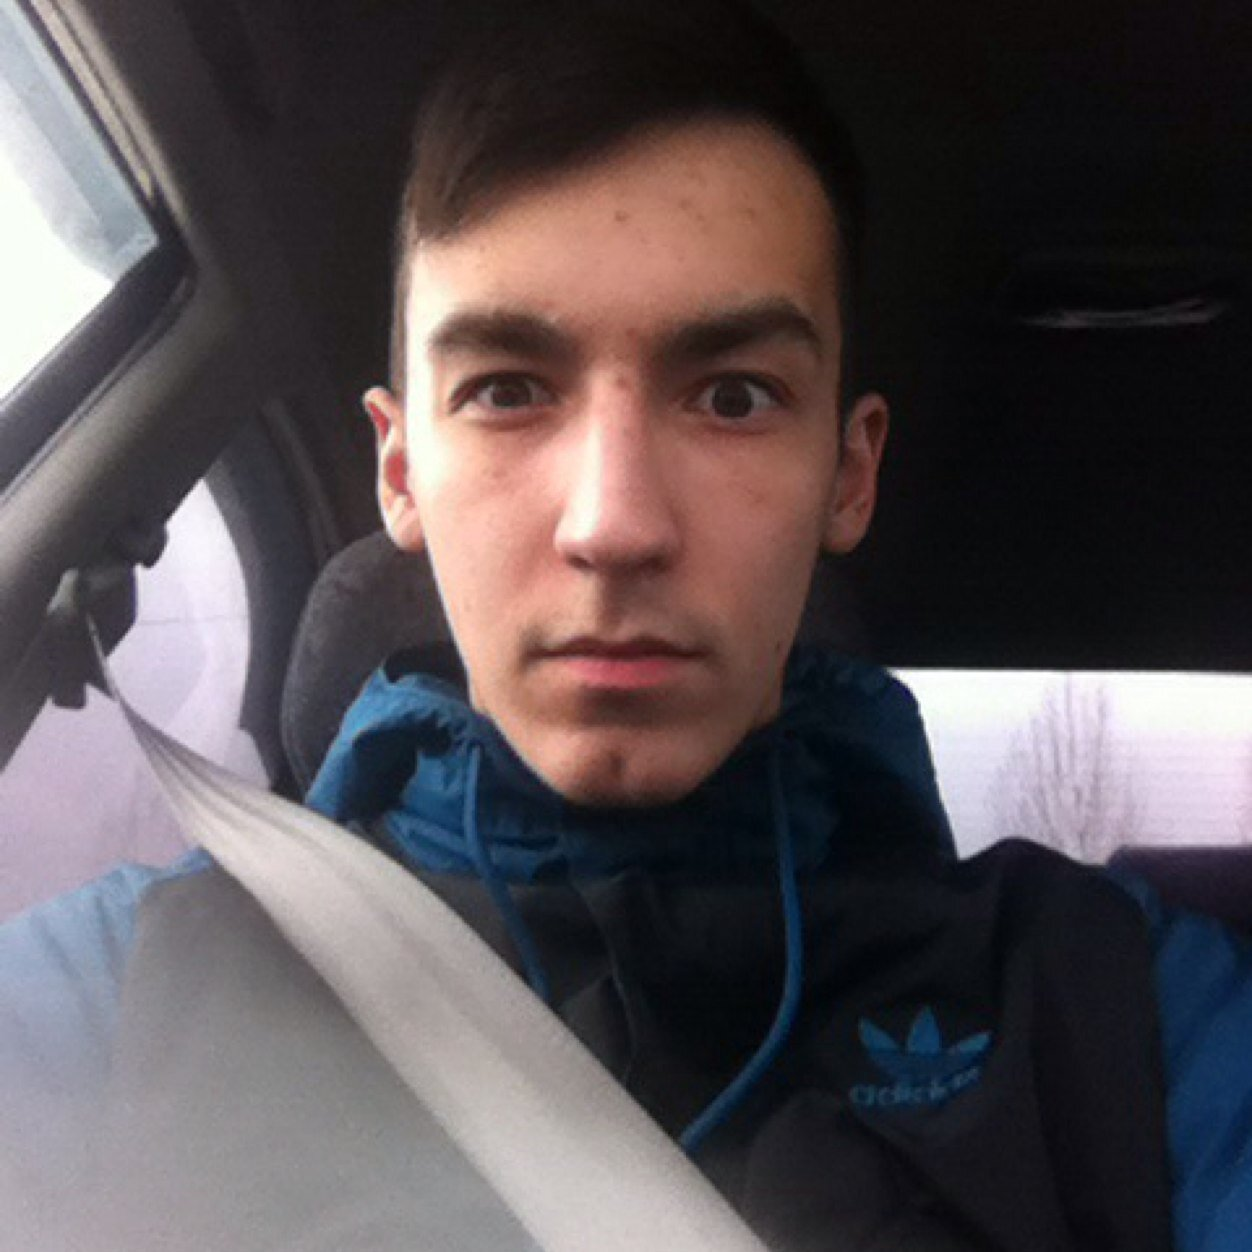 Yuri Semenov Yuri Semenov Semen4iik Twitter